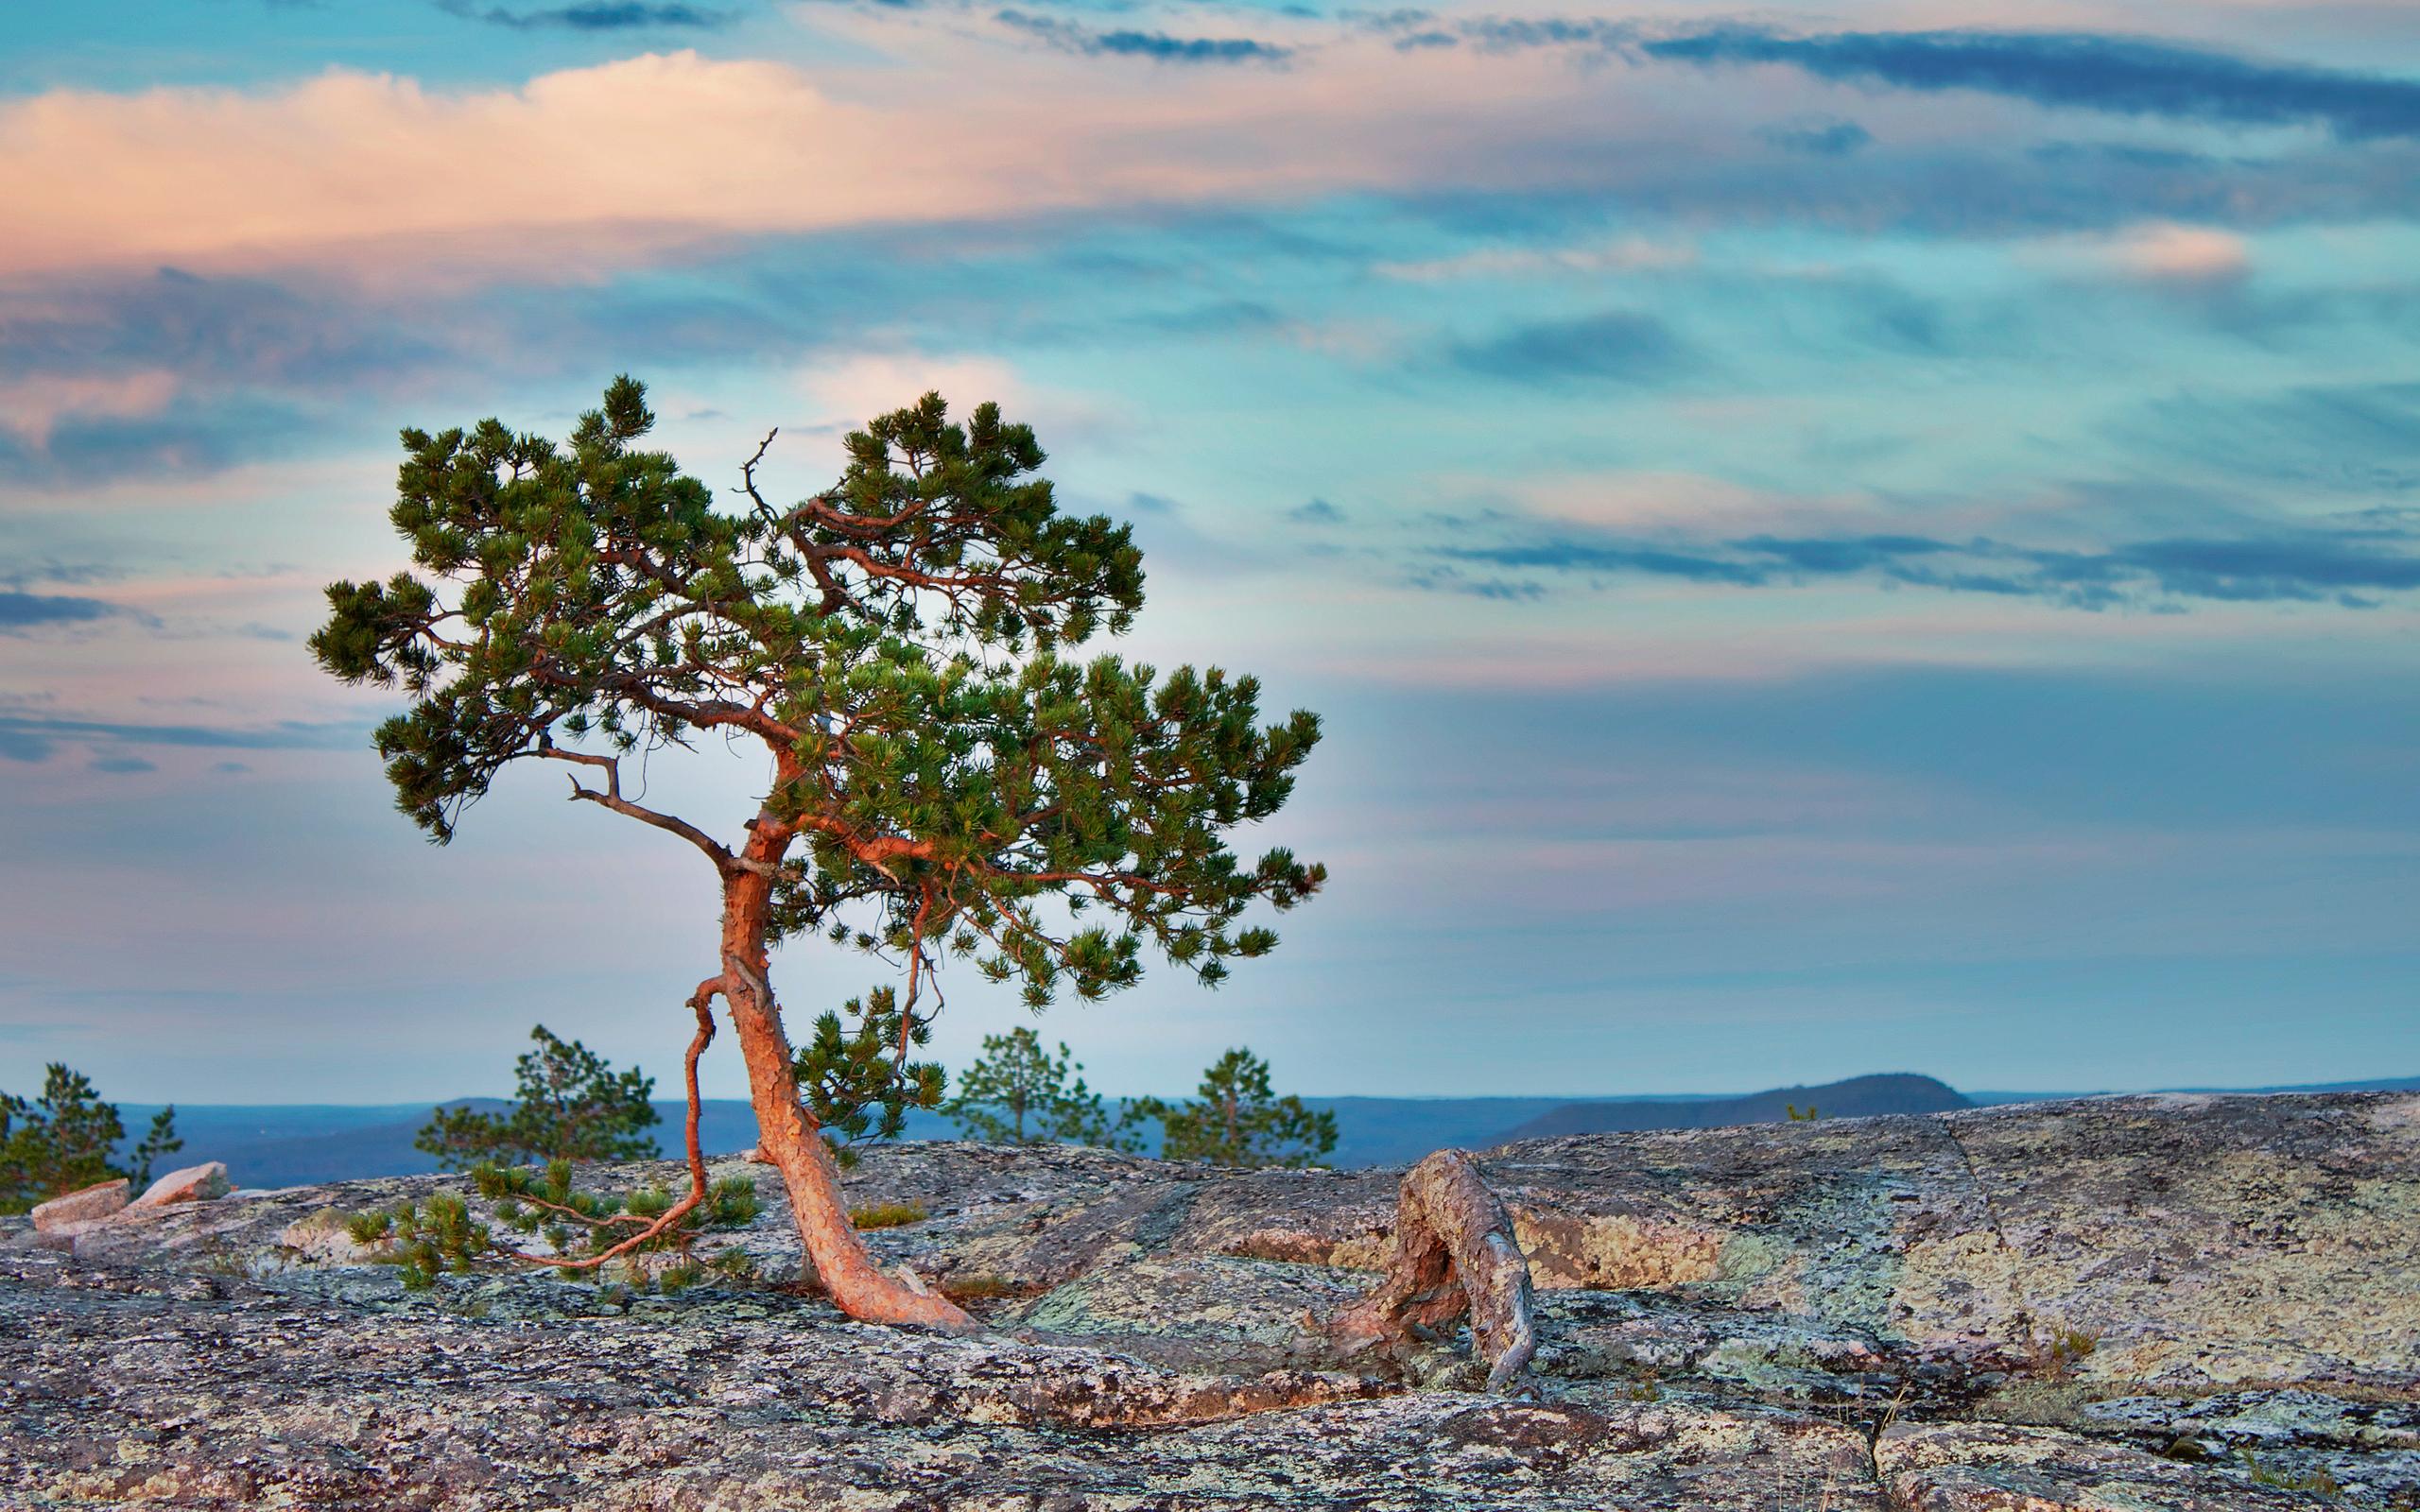 природа море деревья камни скалы  № 38402  скачать